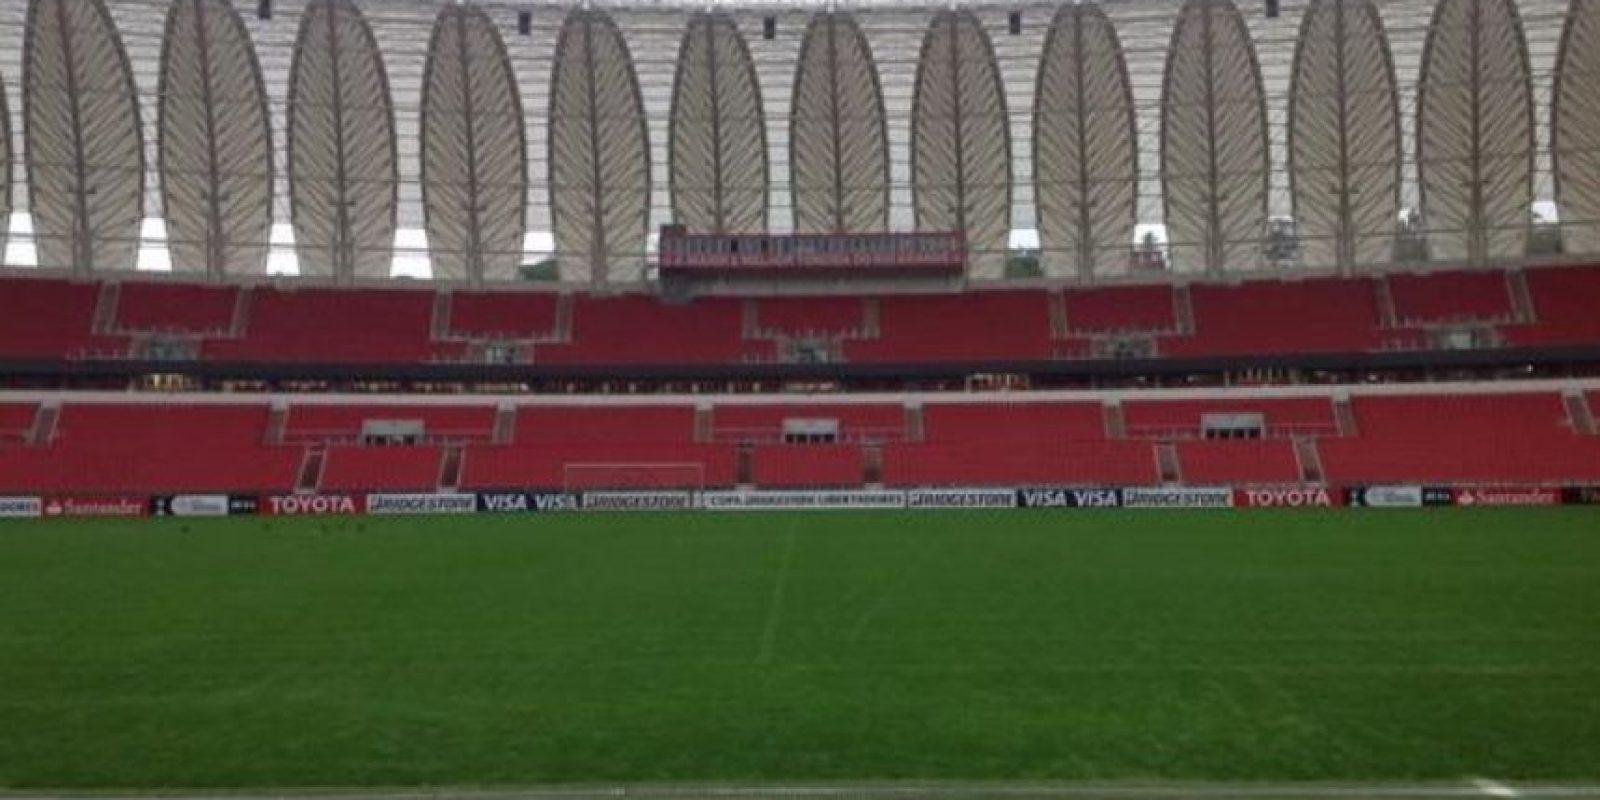 El partido se llevará a cabo en el Estadio Beira-Rio, de Porto Alegre Foto:Vía twitter.com/TigresOficial